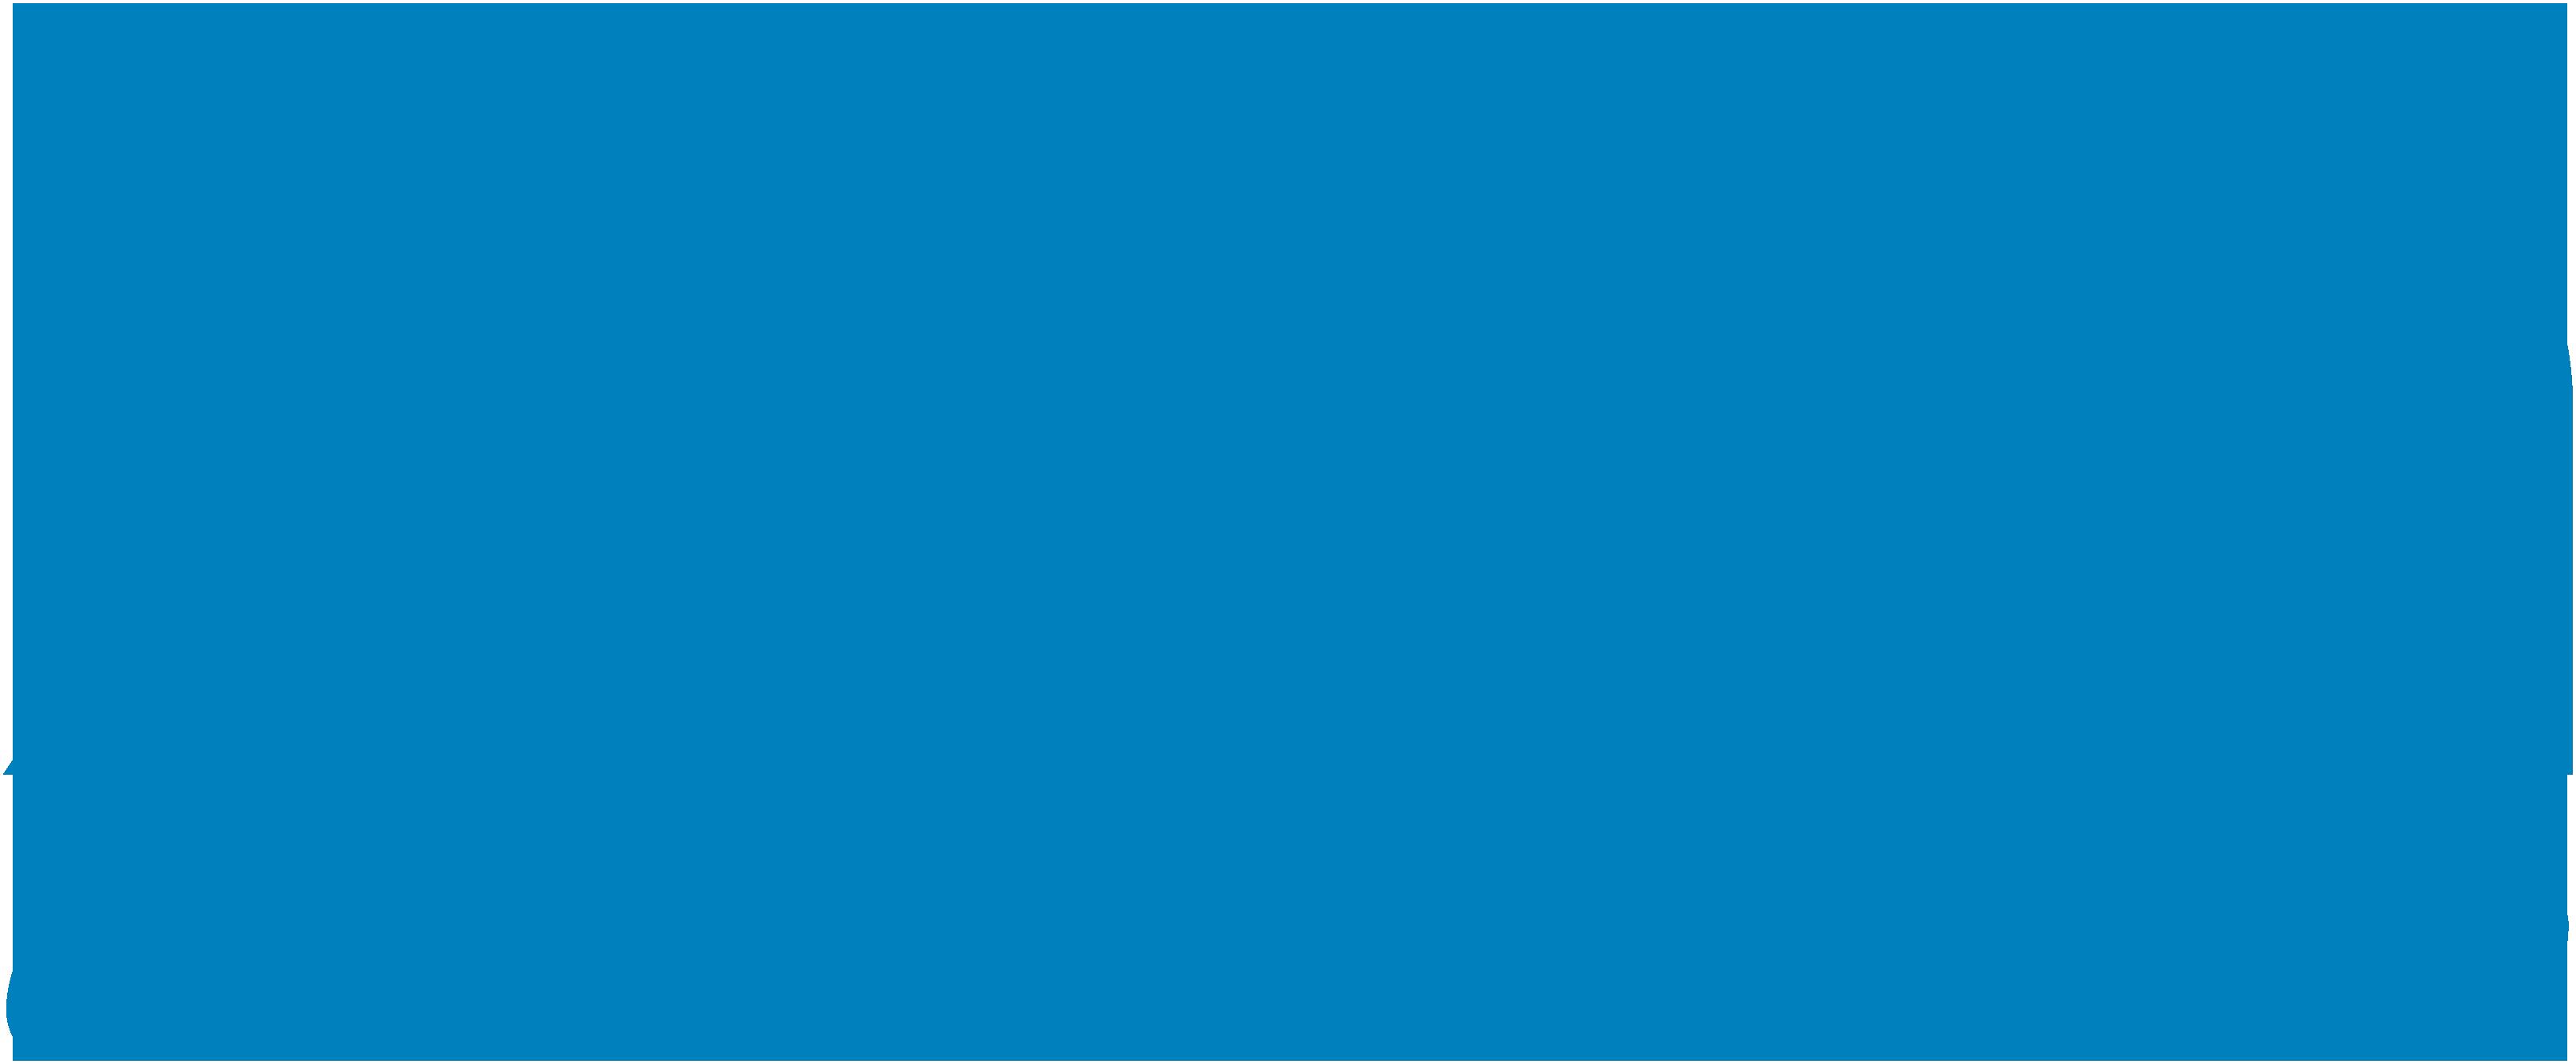 xTech_Petcon